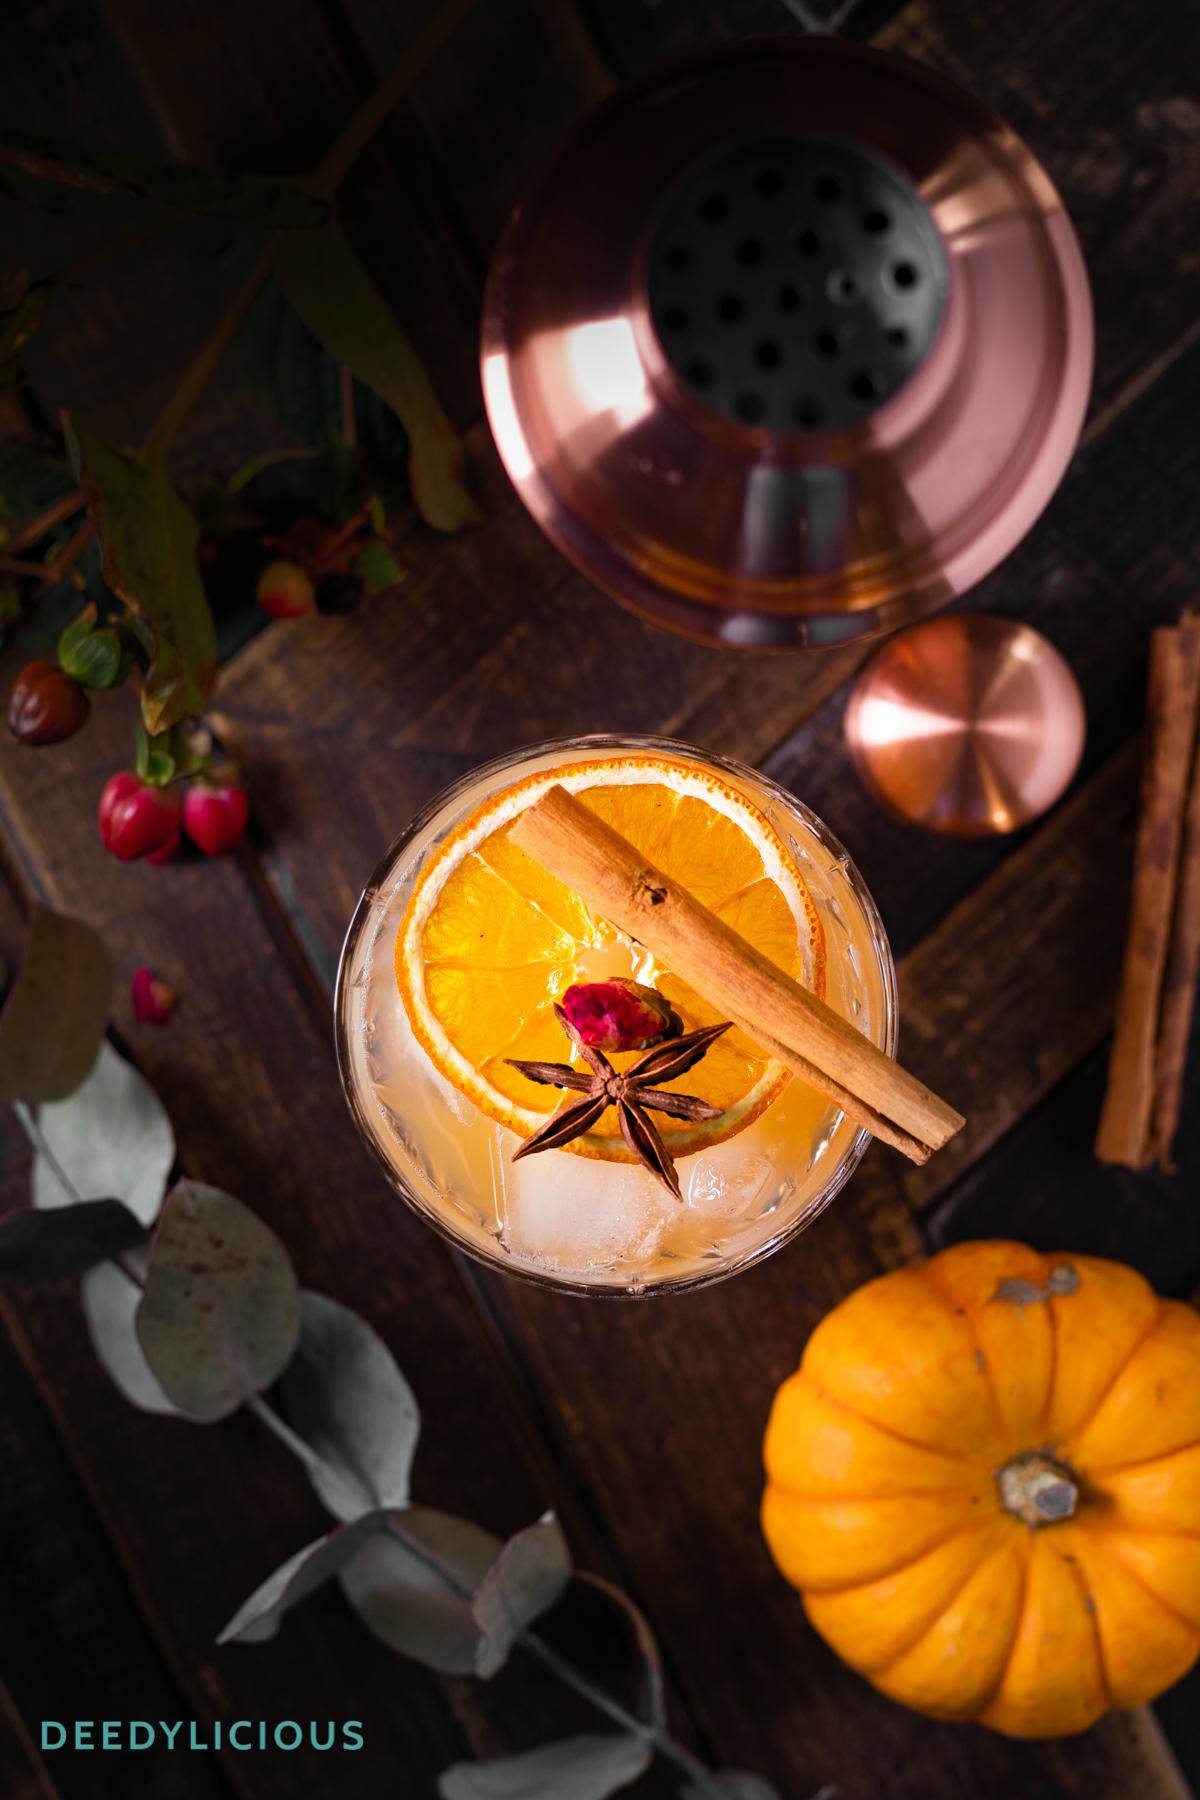 Glas met kruidige cocktail met kaneelstokje van bovenaf gefotografeerd, met shaker in achtergrond